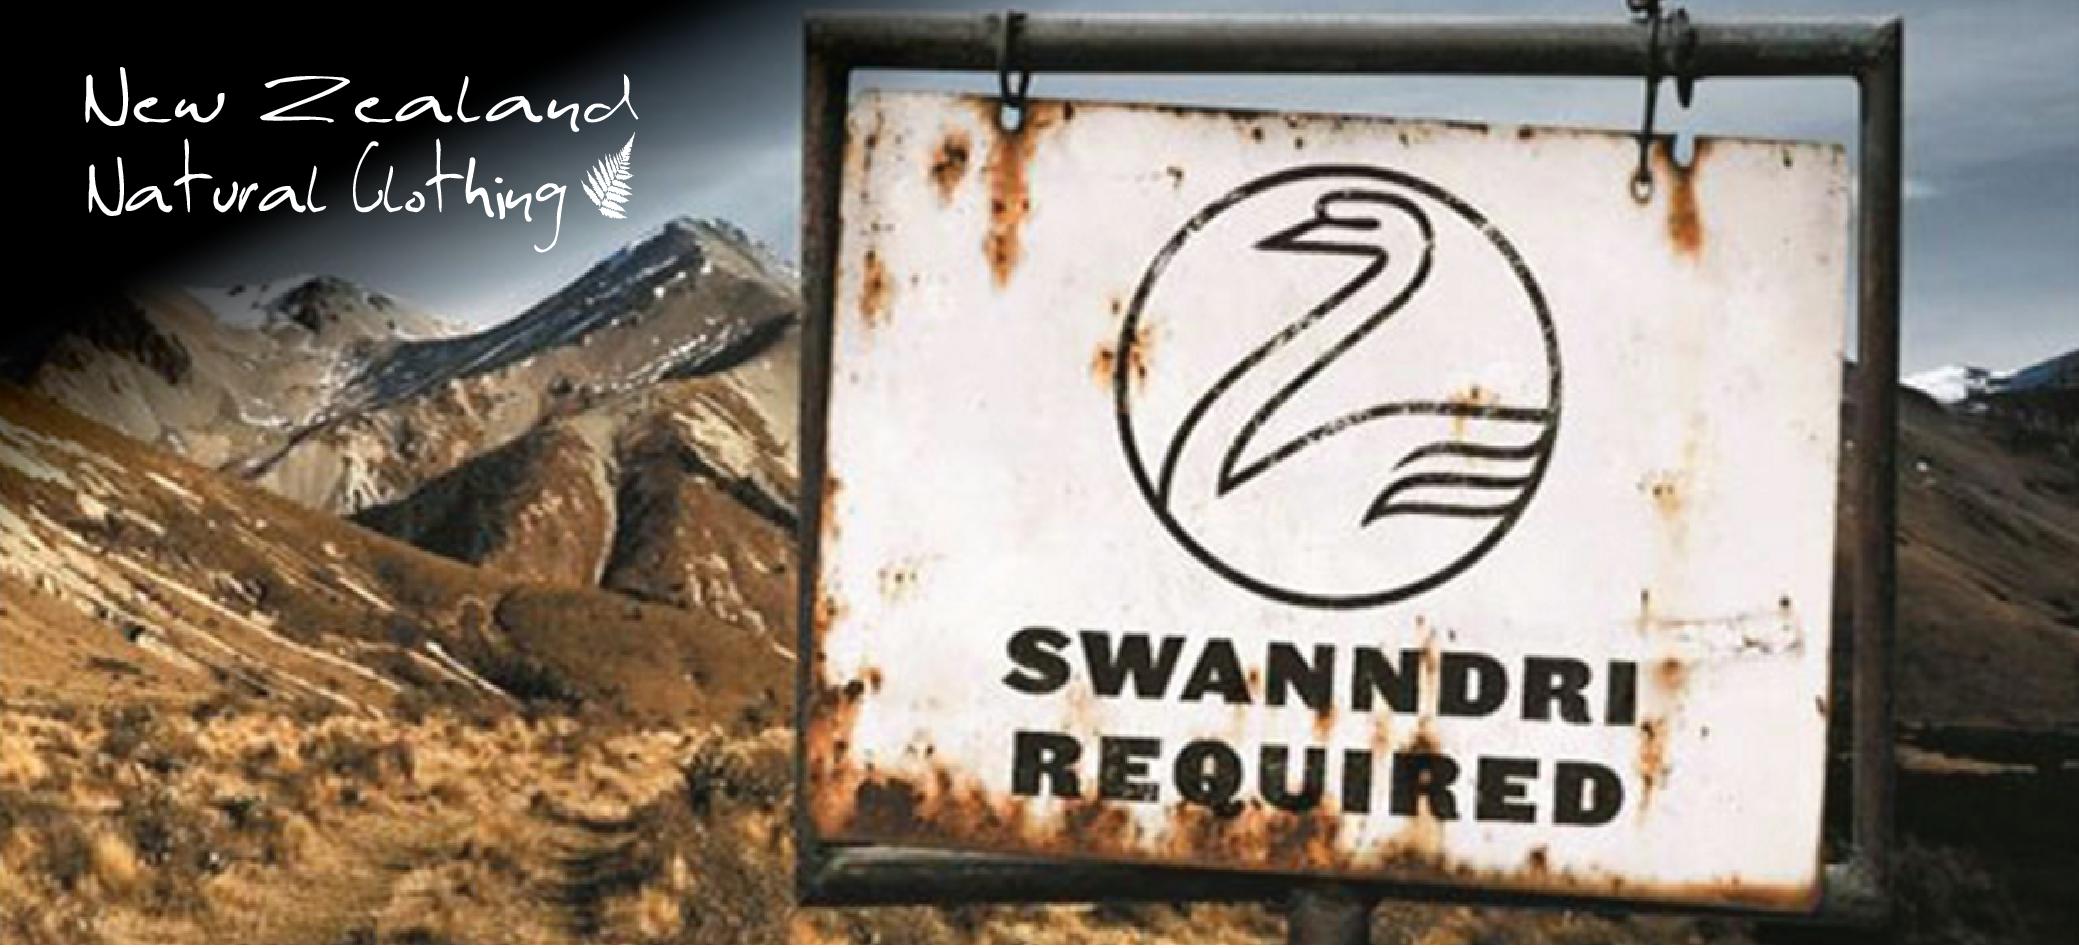 swandri-1-01.png